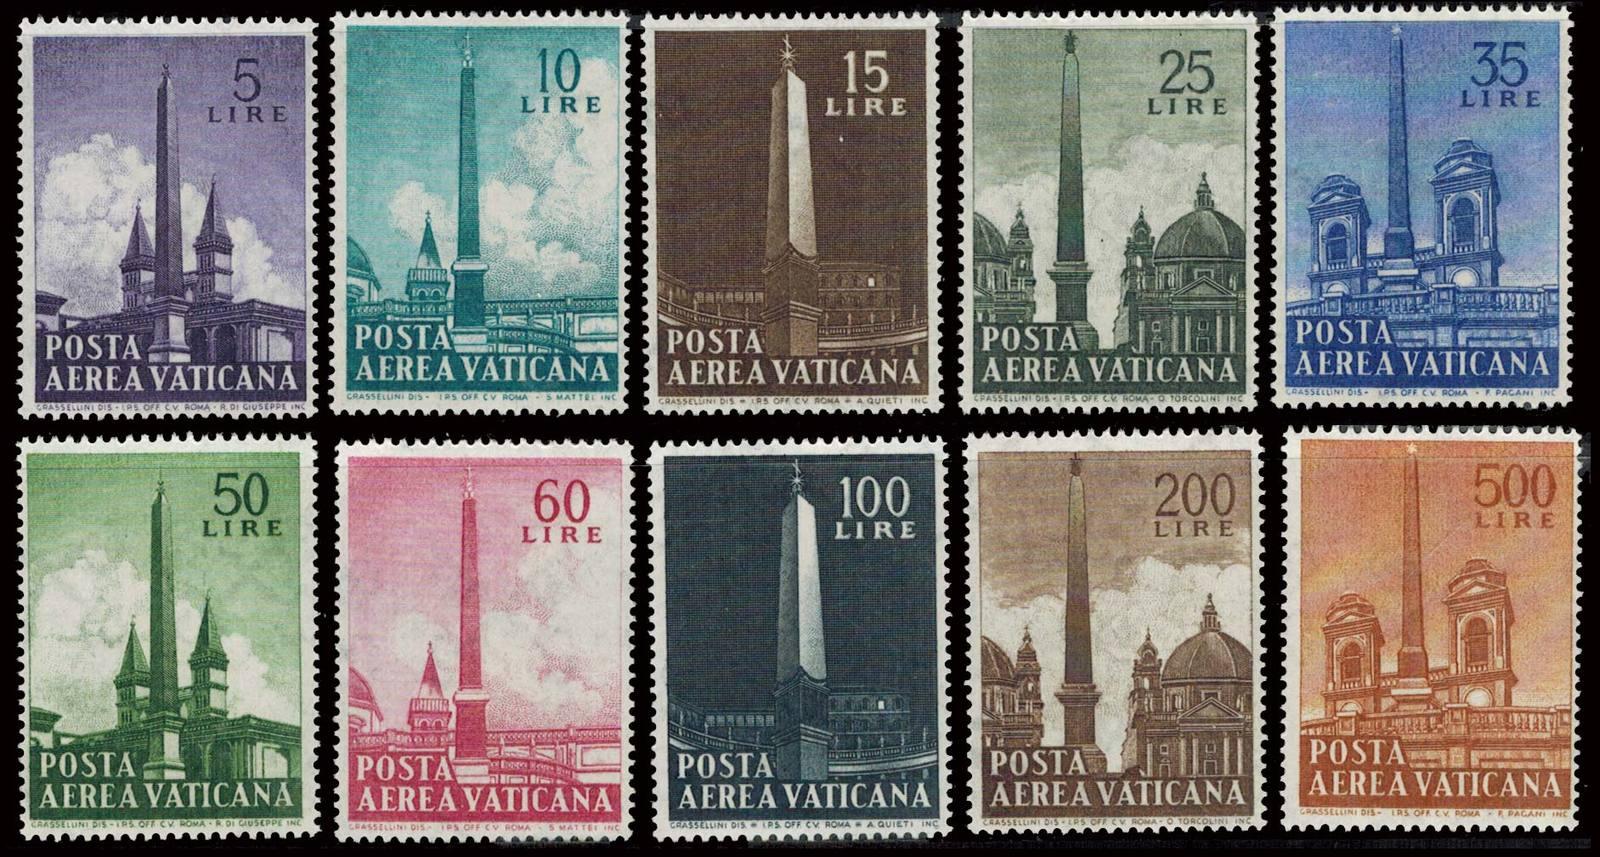 Vaticanc35 44